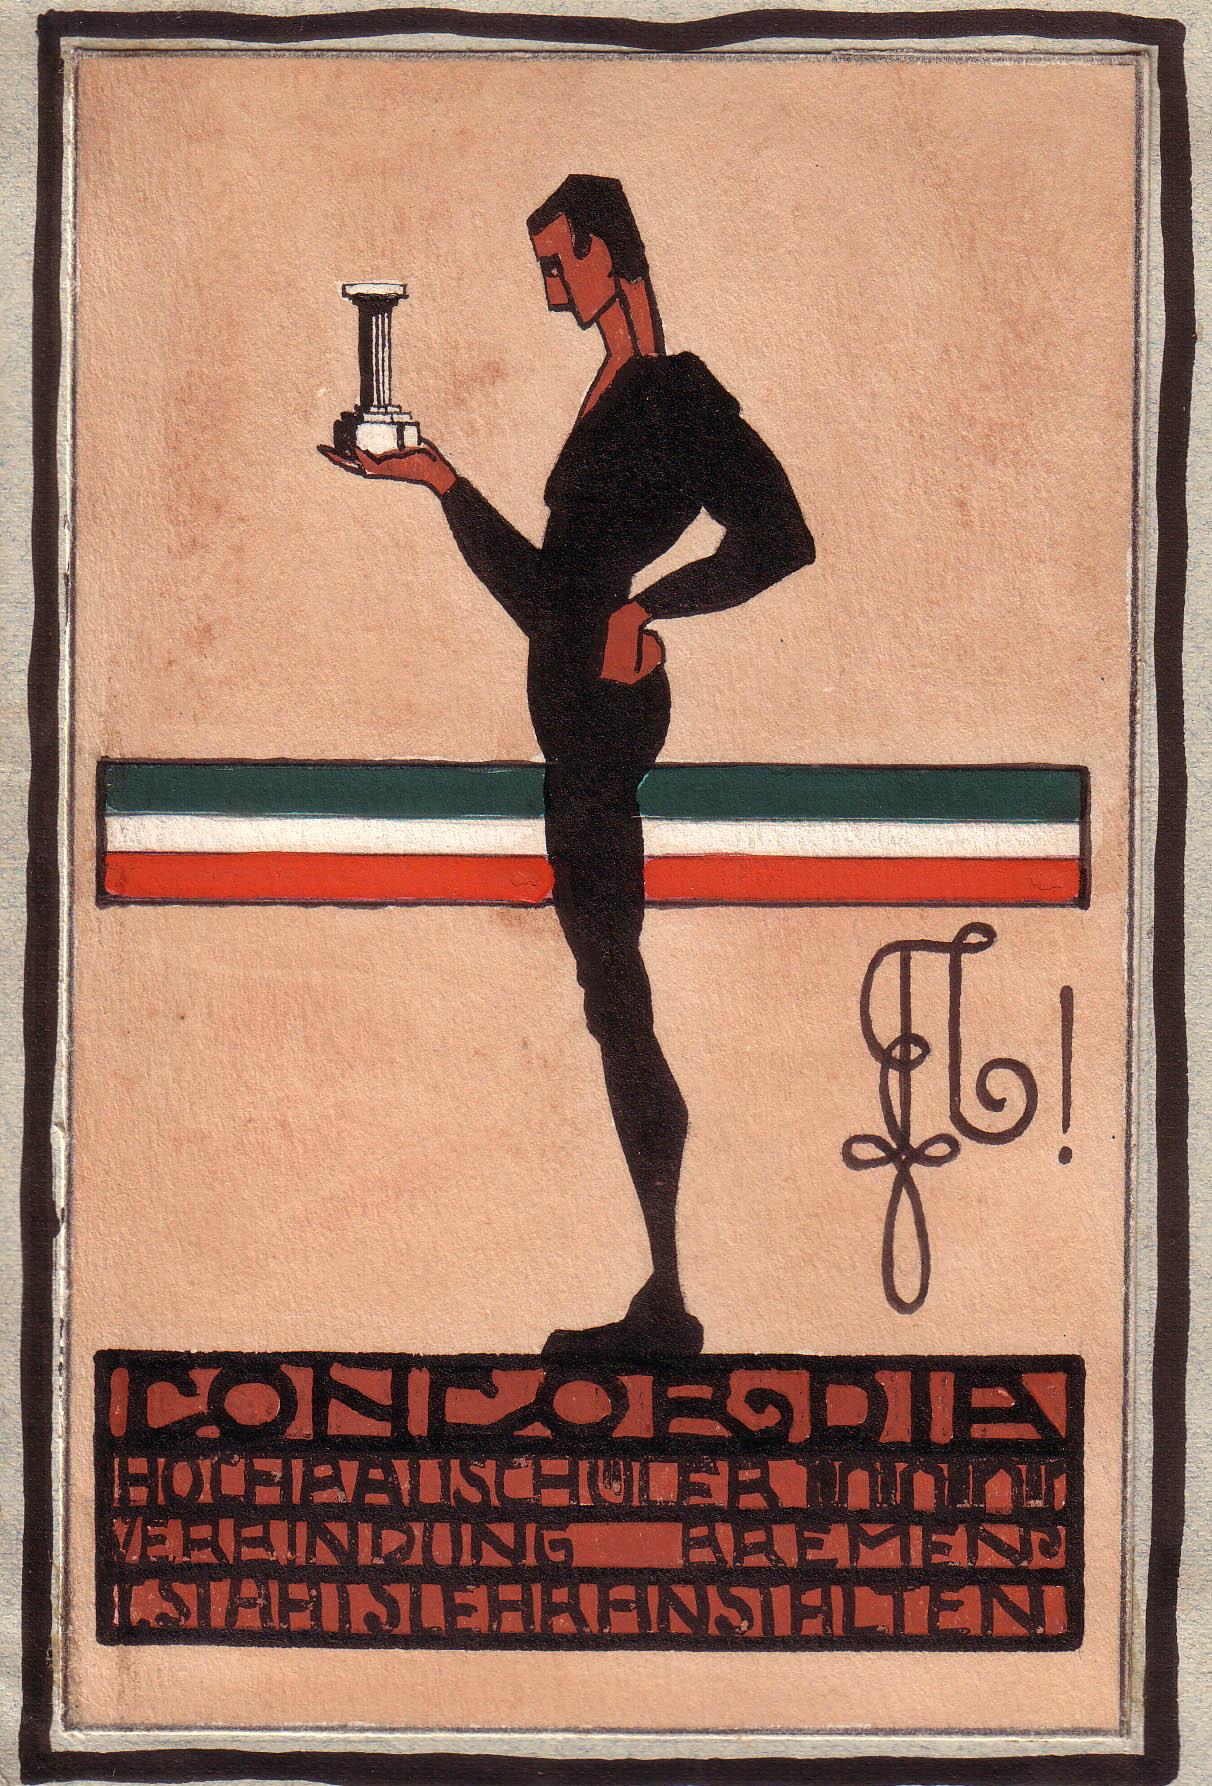 Couleurcarte aus den 20ern